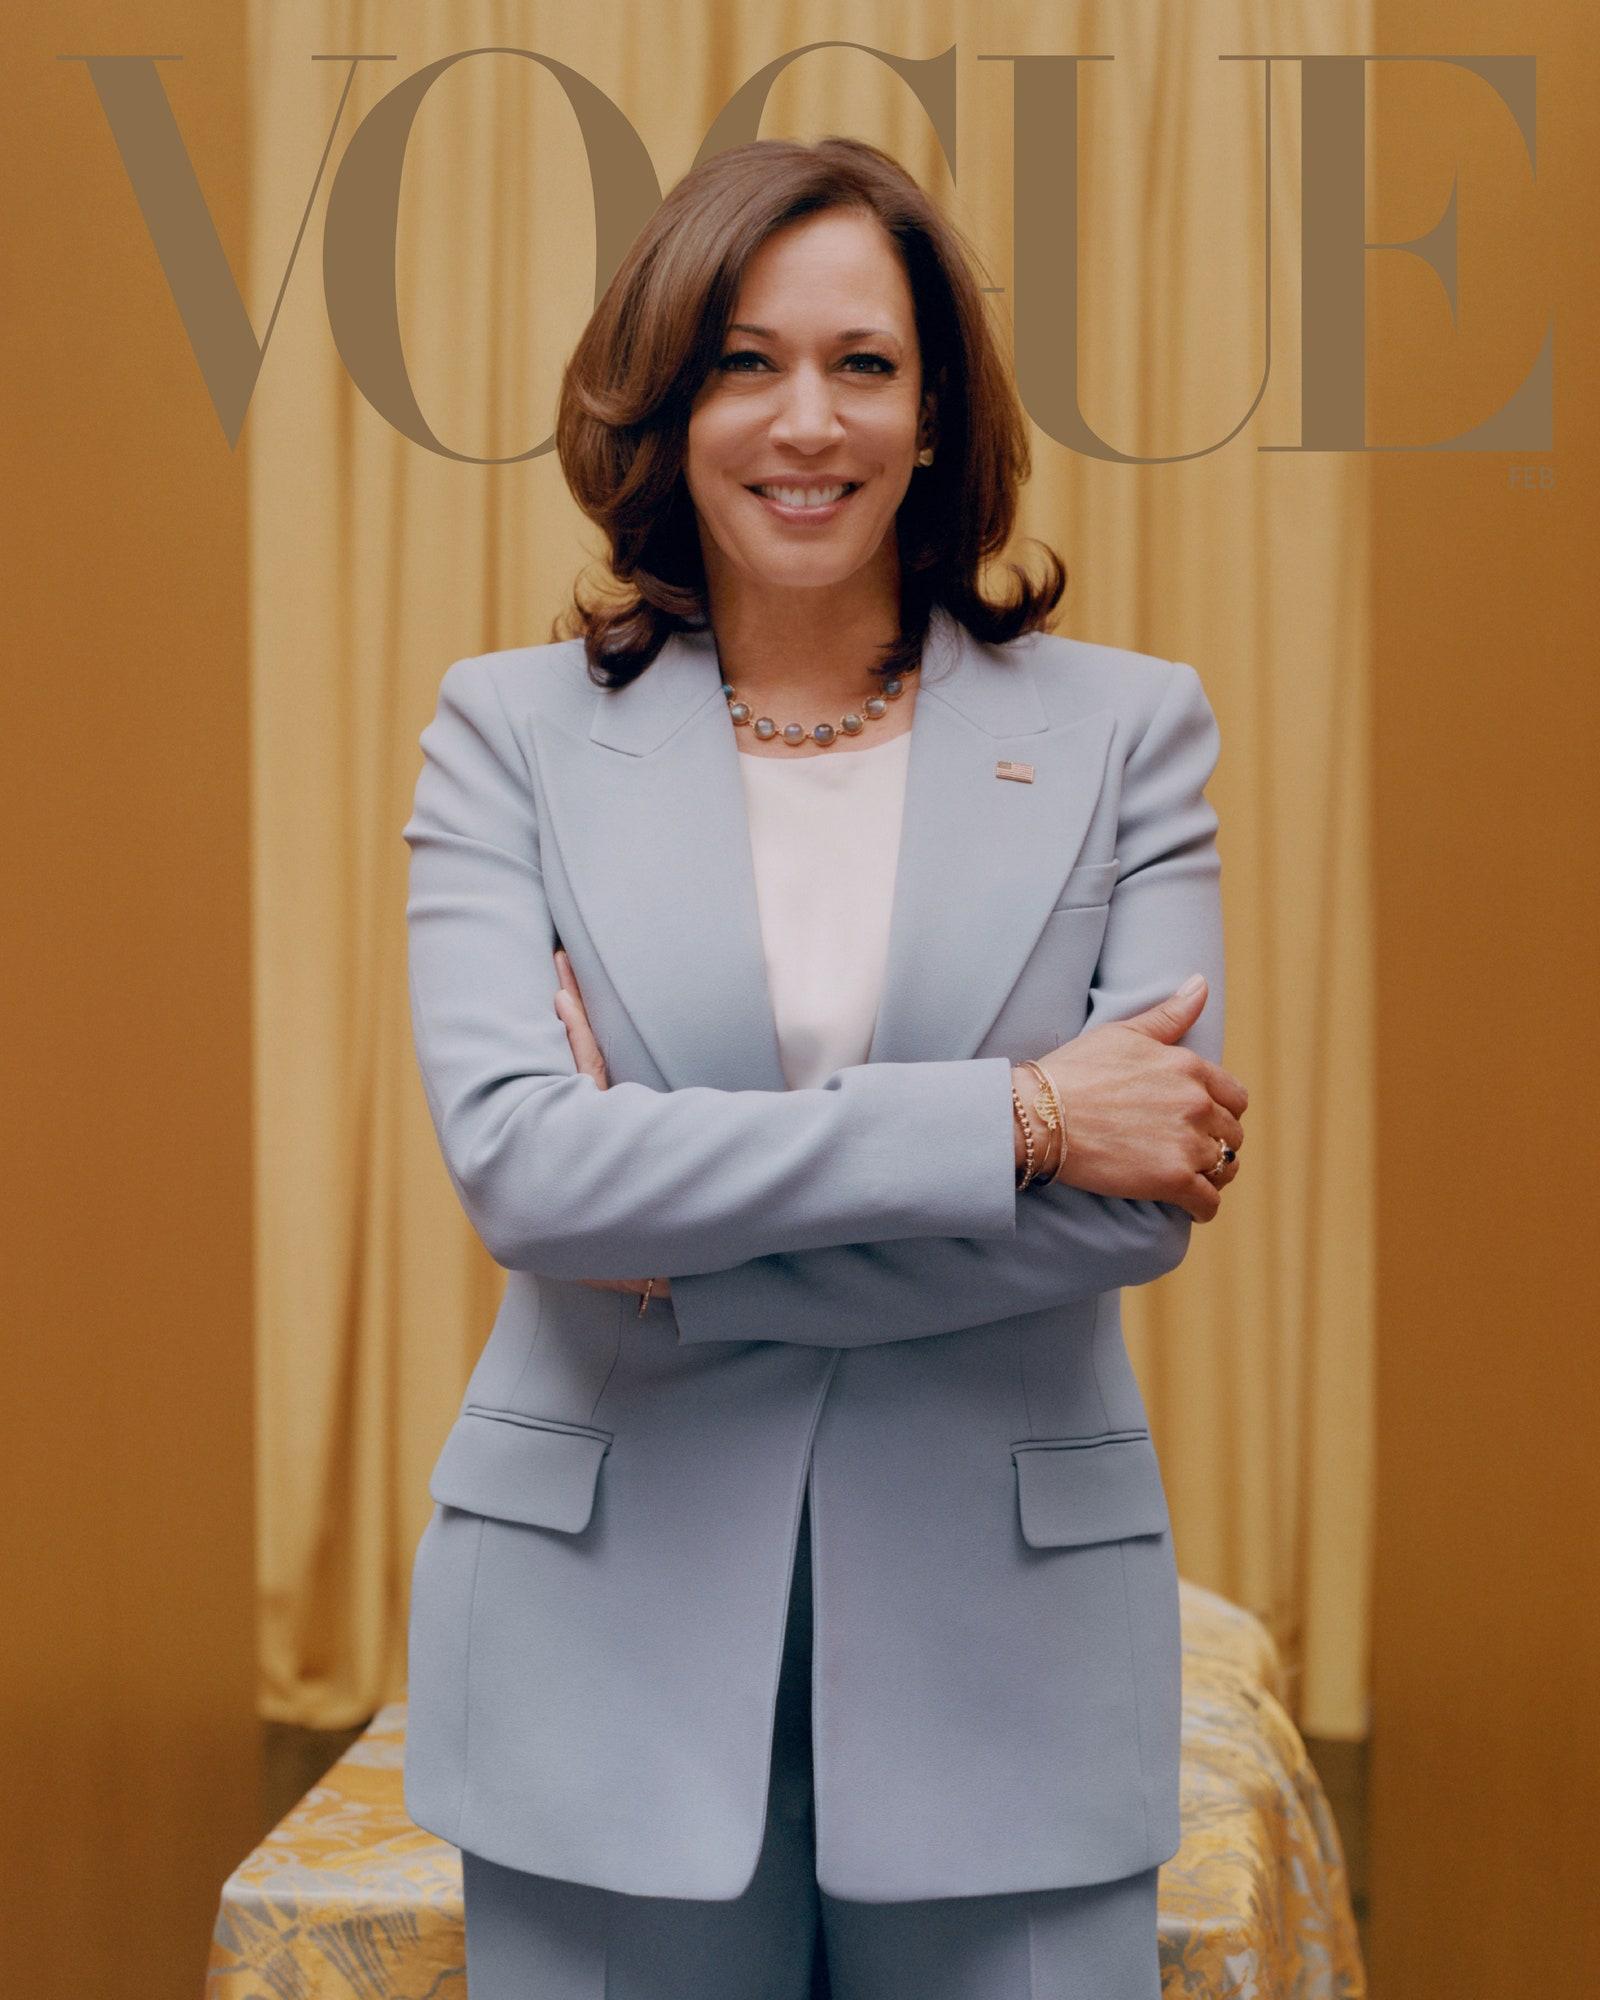 Vogue Cover 2